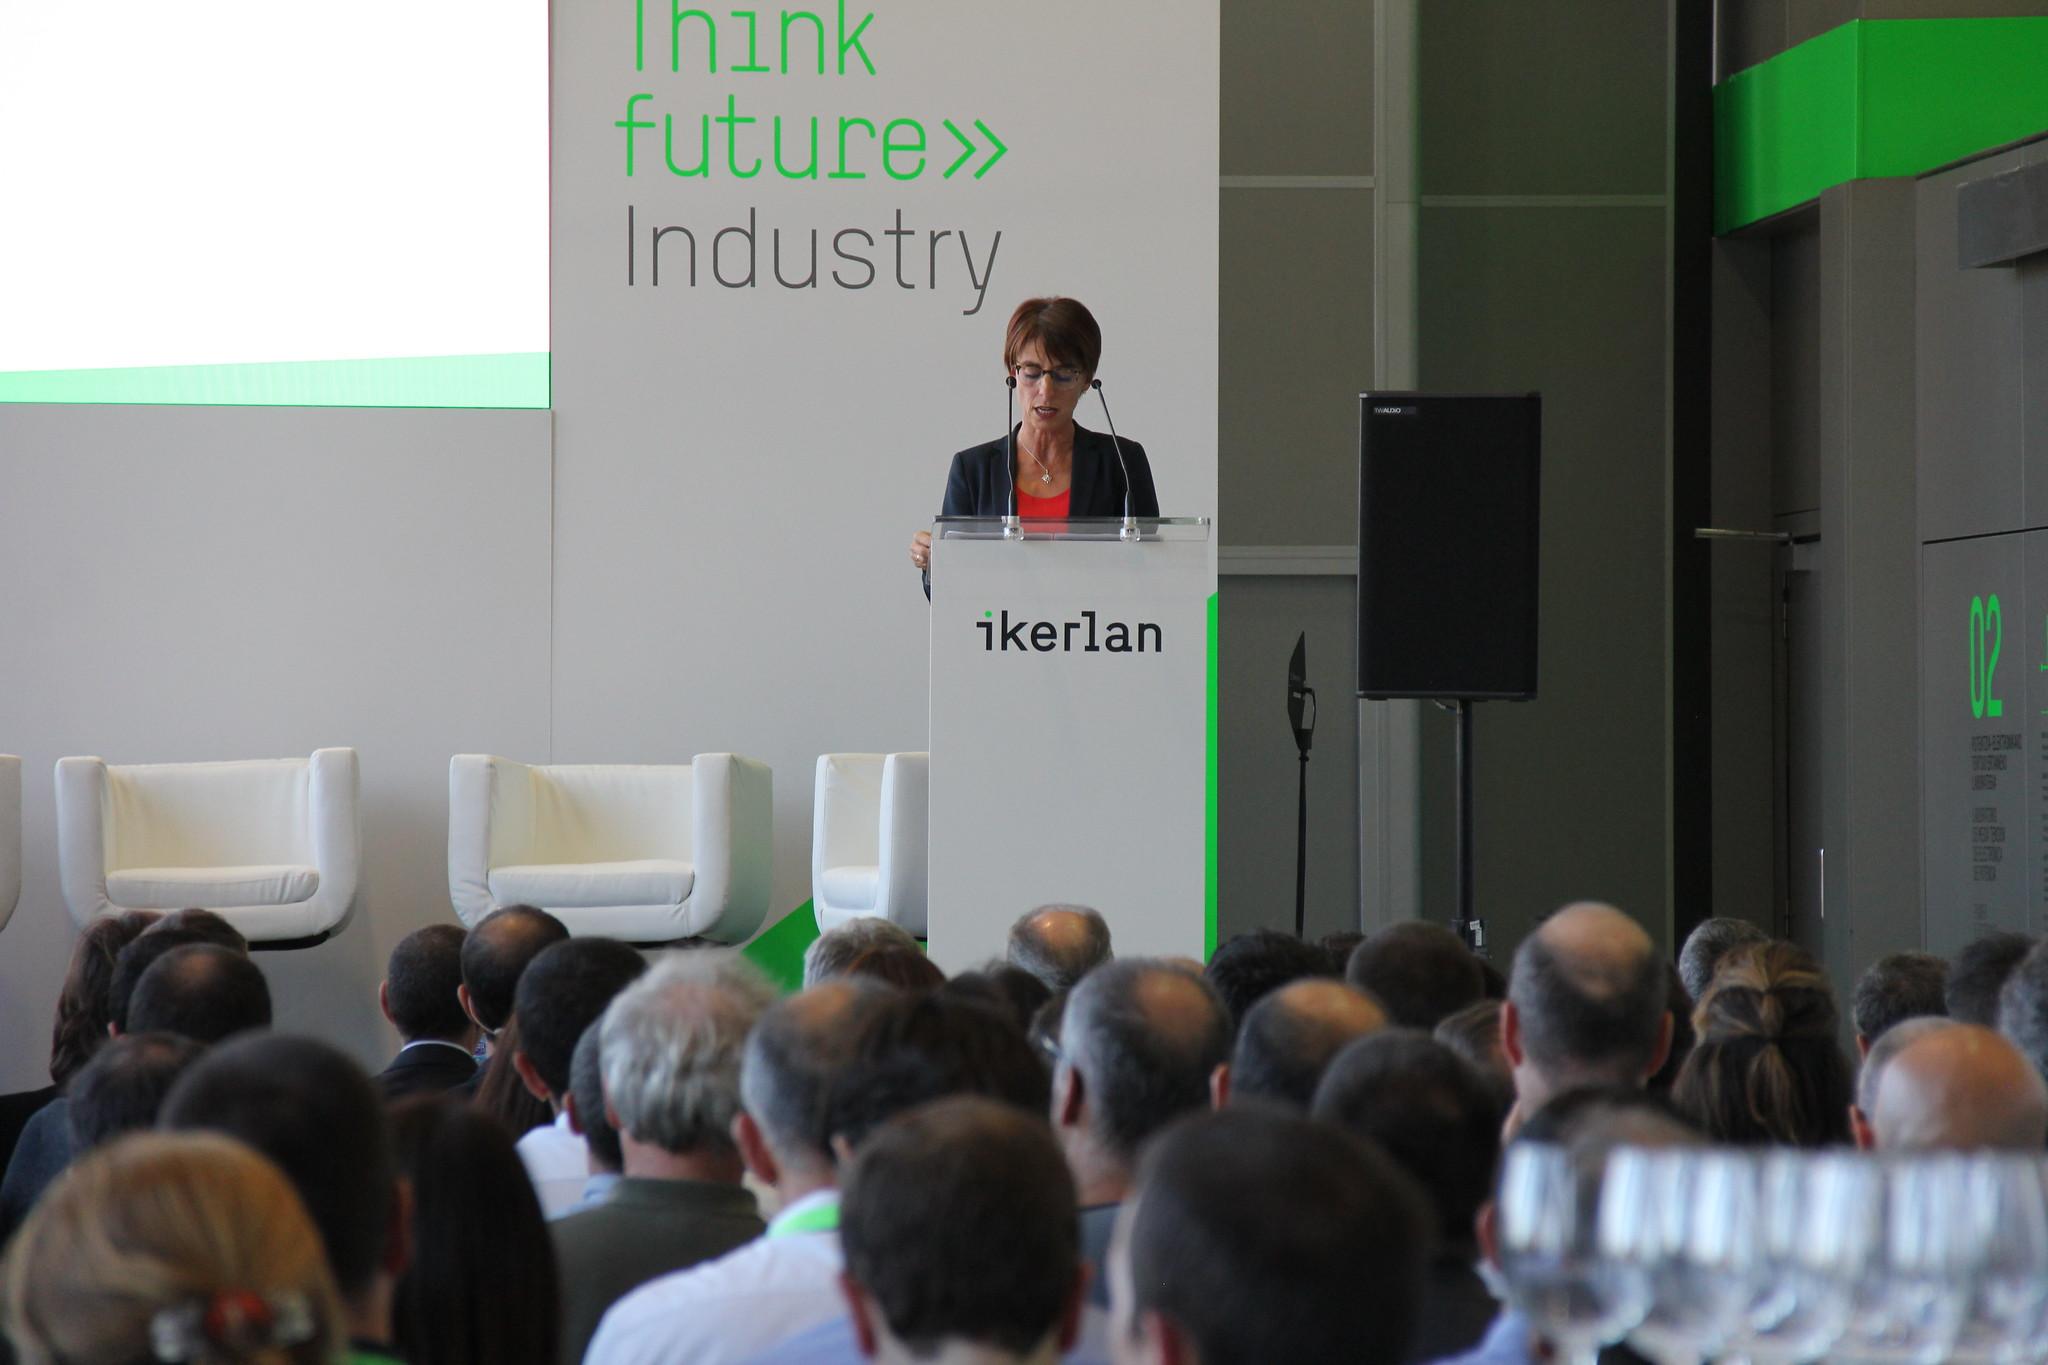 presencia de la viceconsejera de Tecnología, Innovación y Competitividad del Gobierno Vasco, Estíbaliz Hernáez Ikerlan